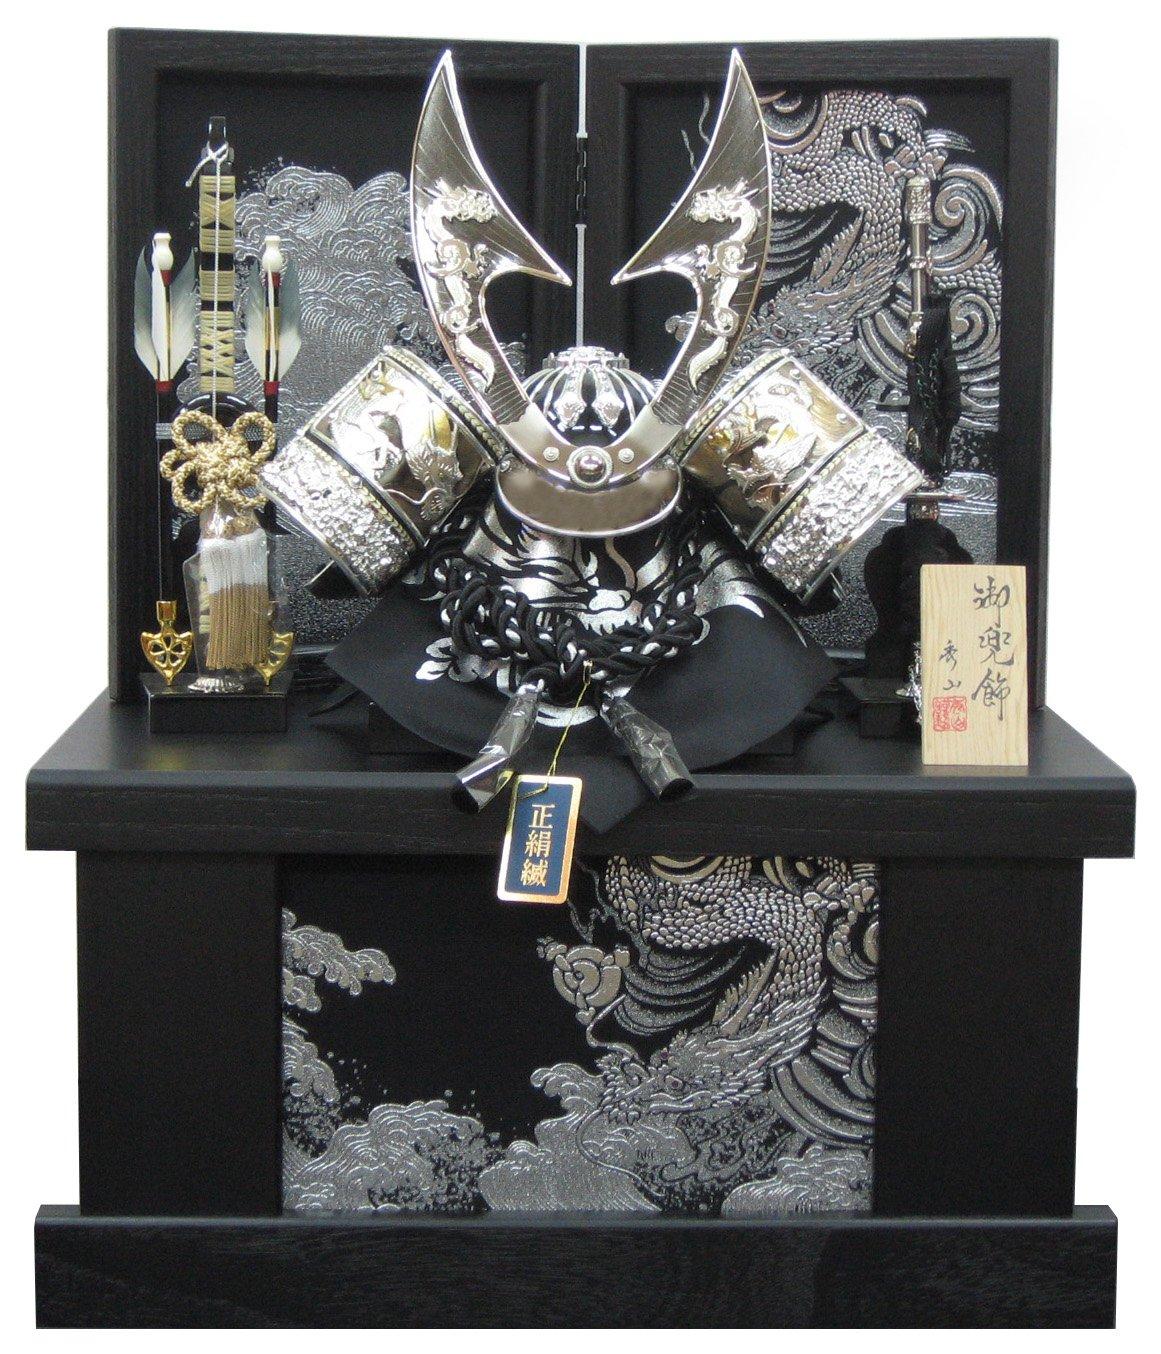 [五月人形 兜飾り]12号ハヤブサシルバー兜(正絹縅) 間口48cm金彩銀龍収納飾り B00U2LH3WK